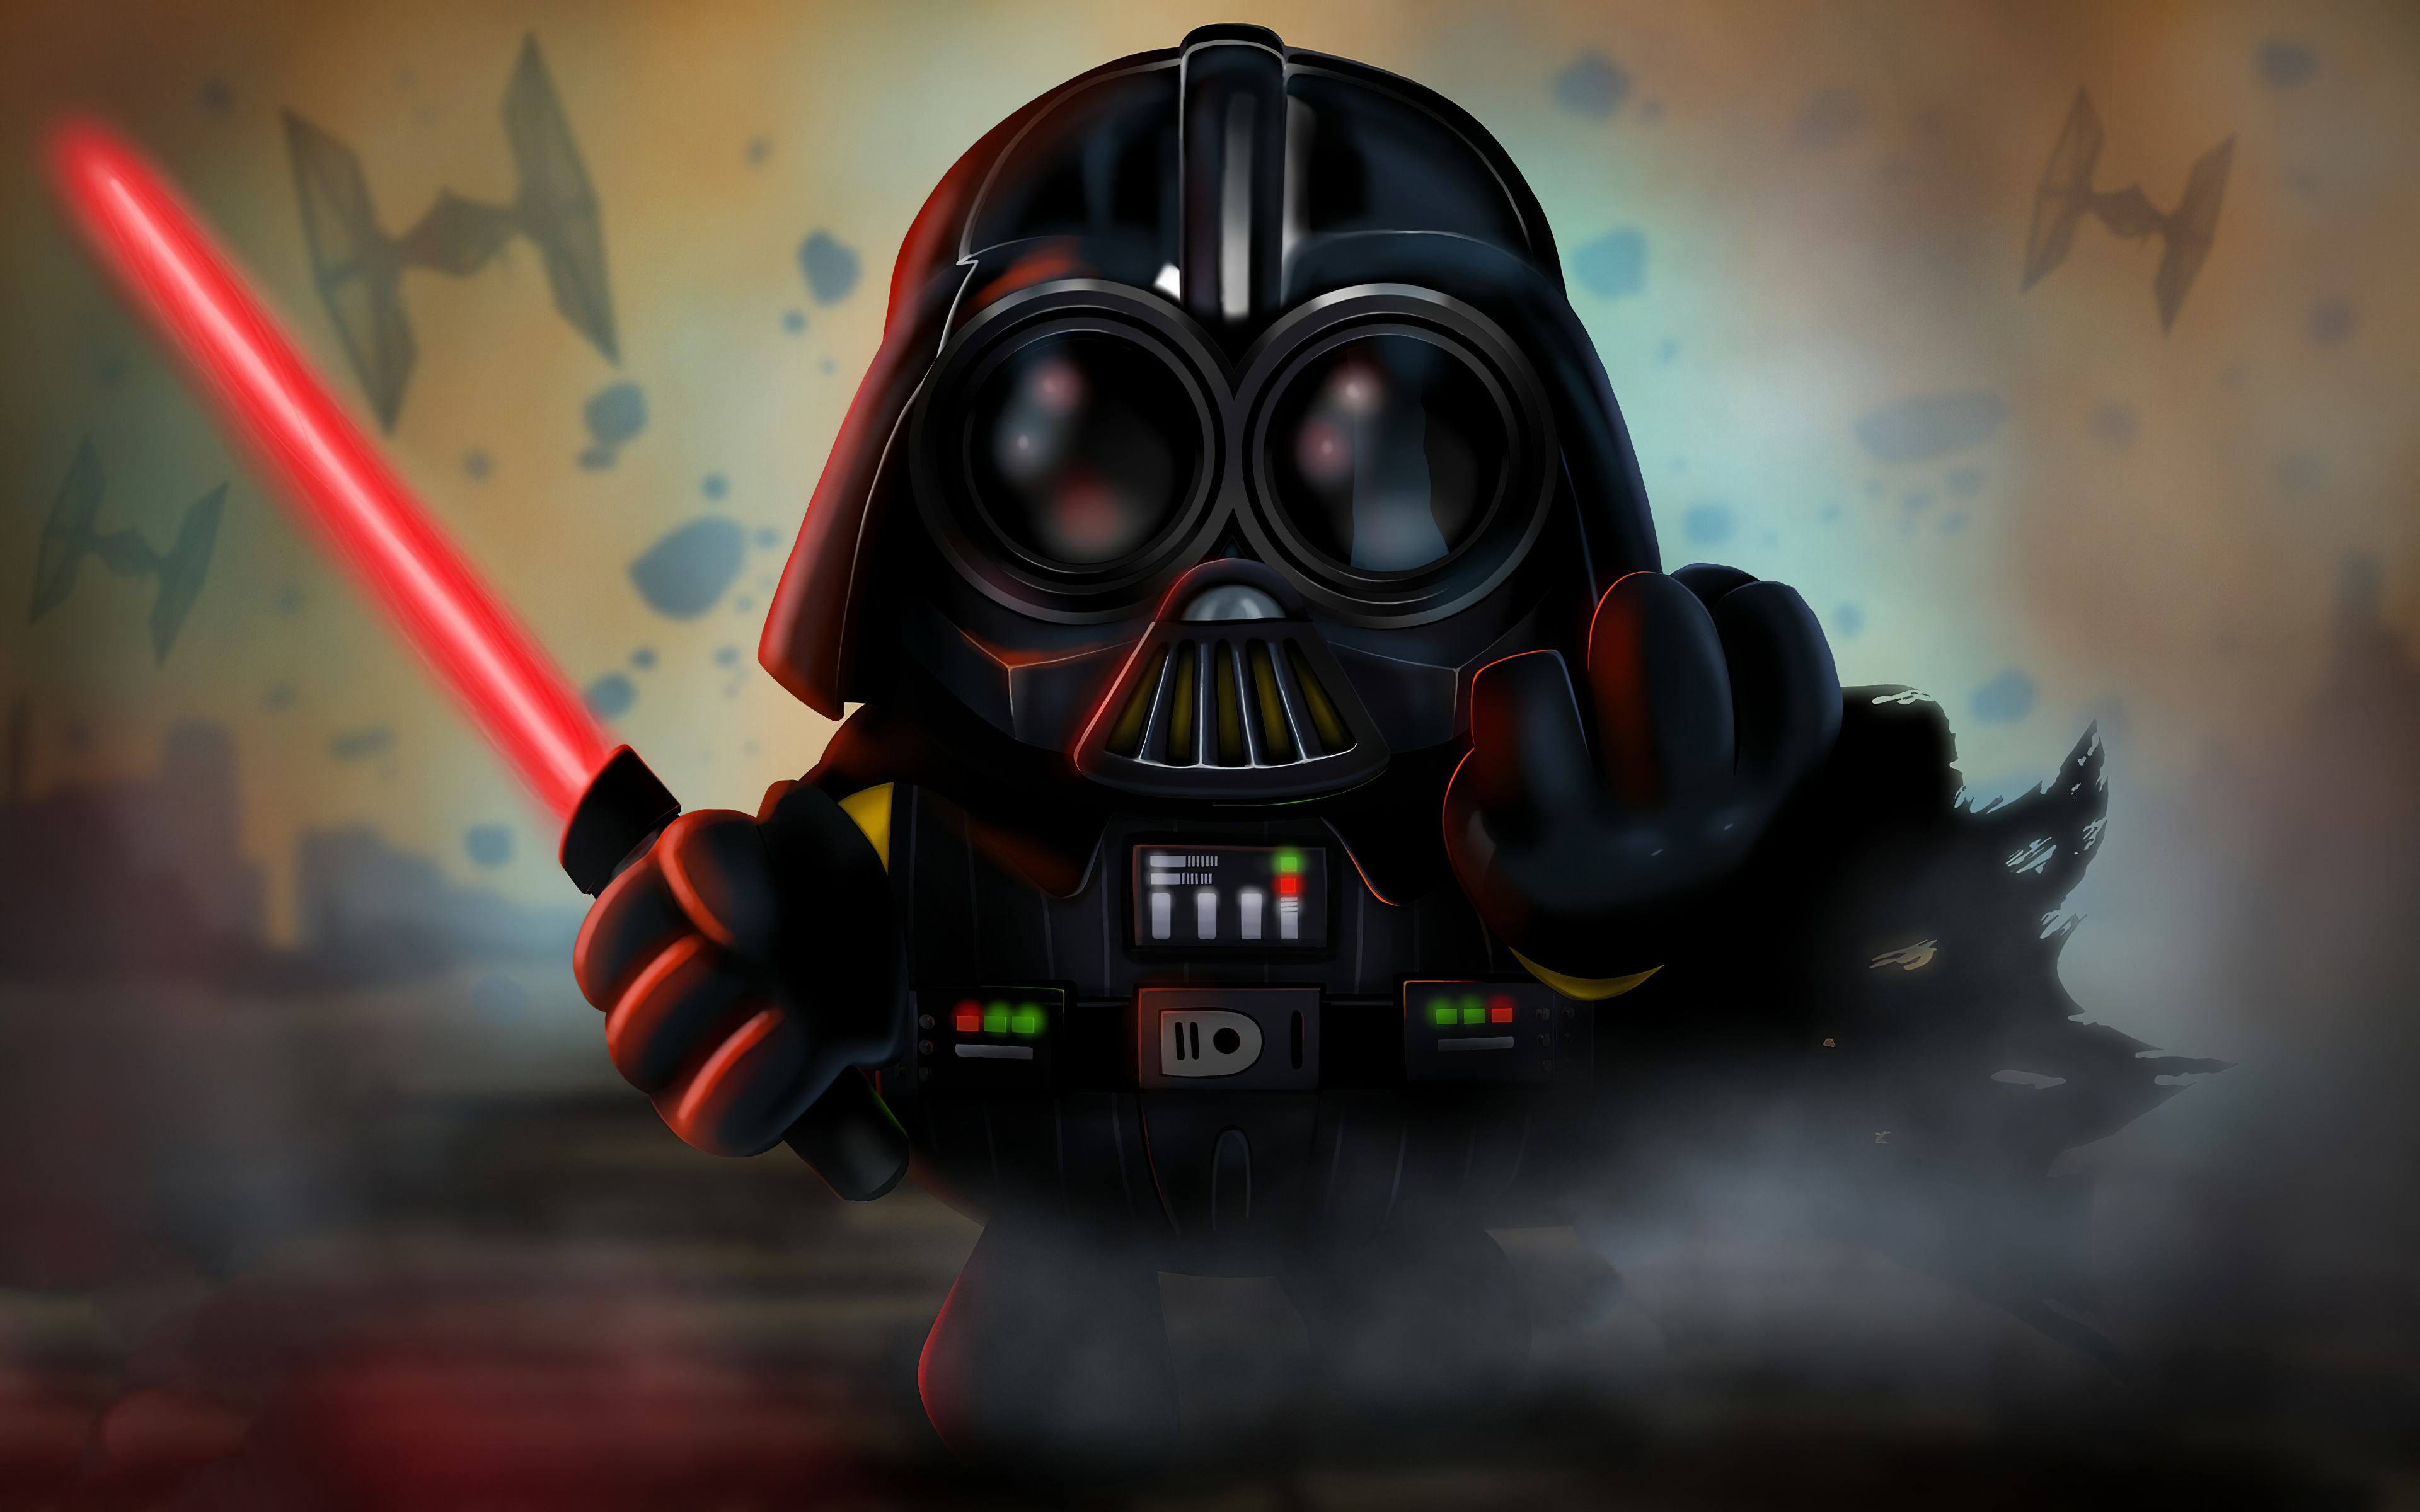 Fondos de pantalla Minion como Darth Vader